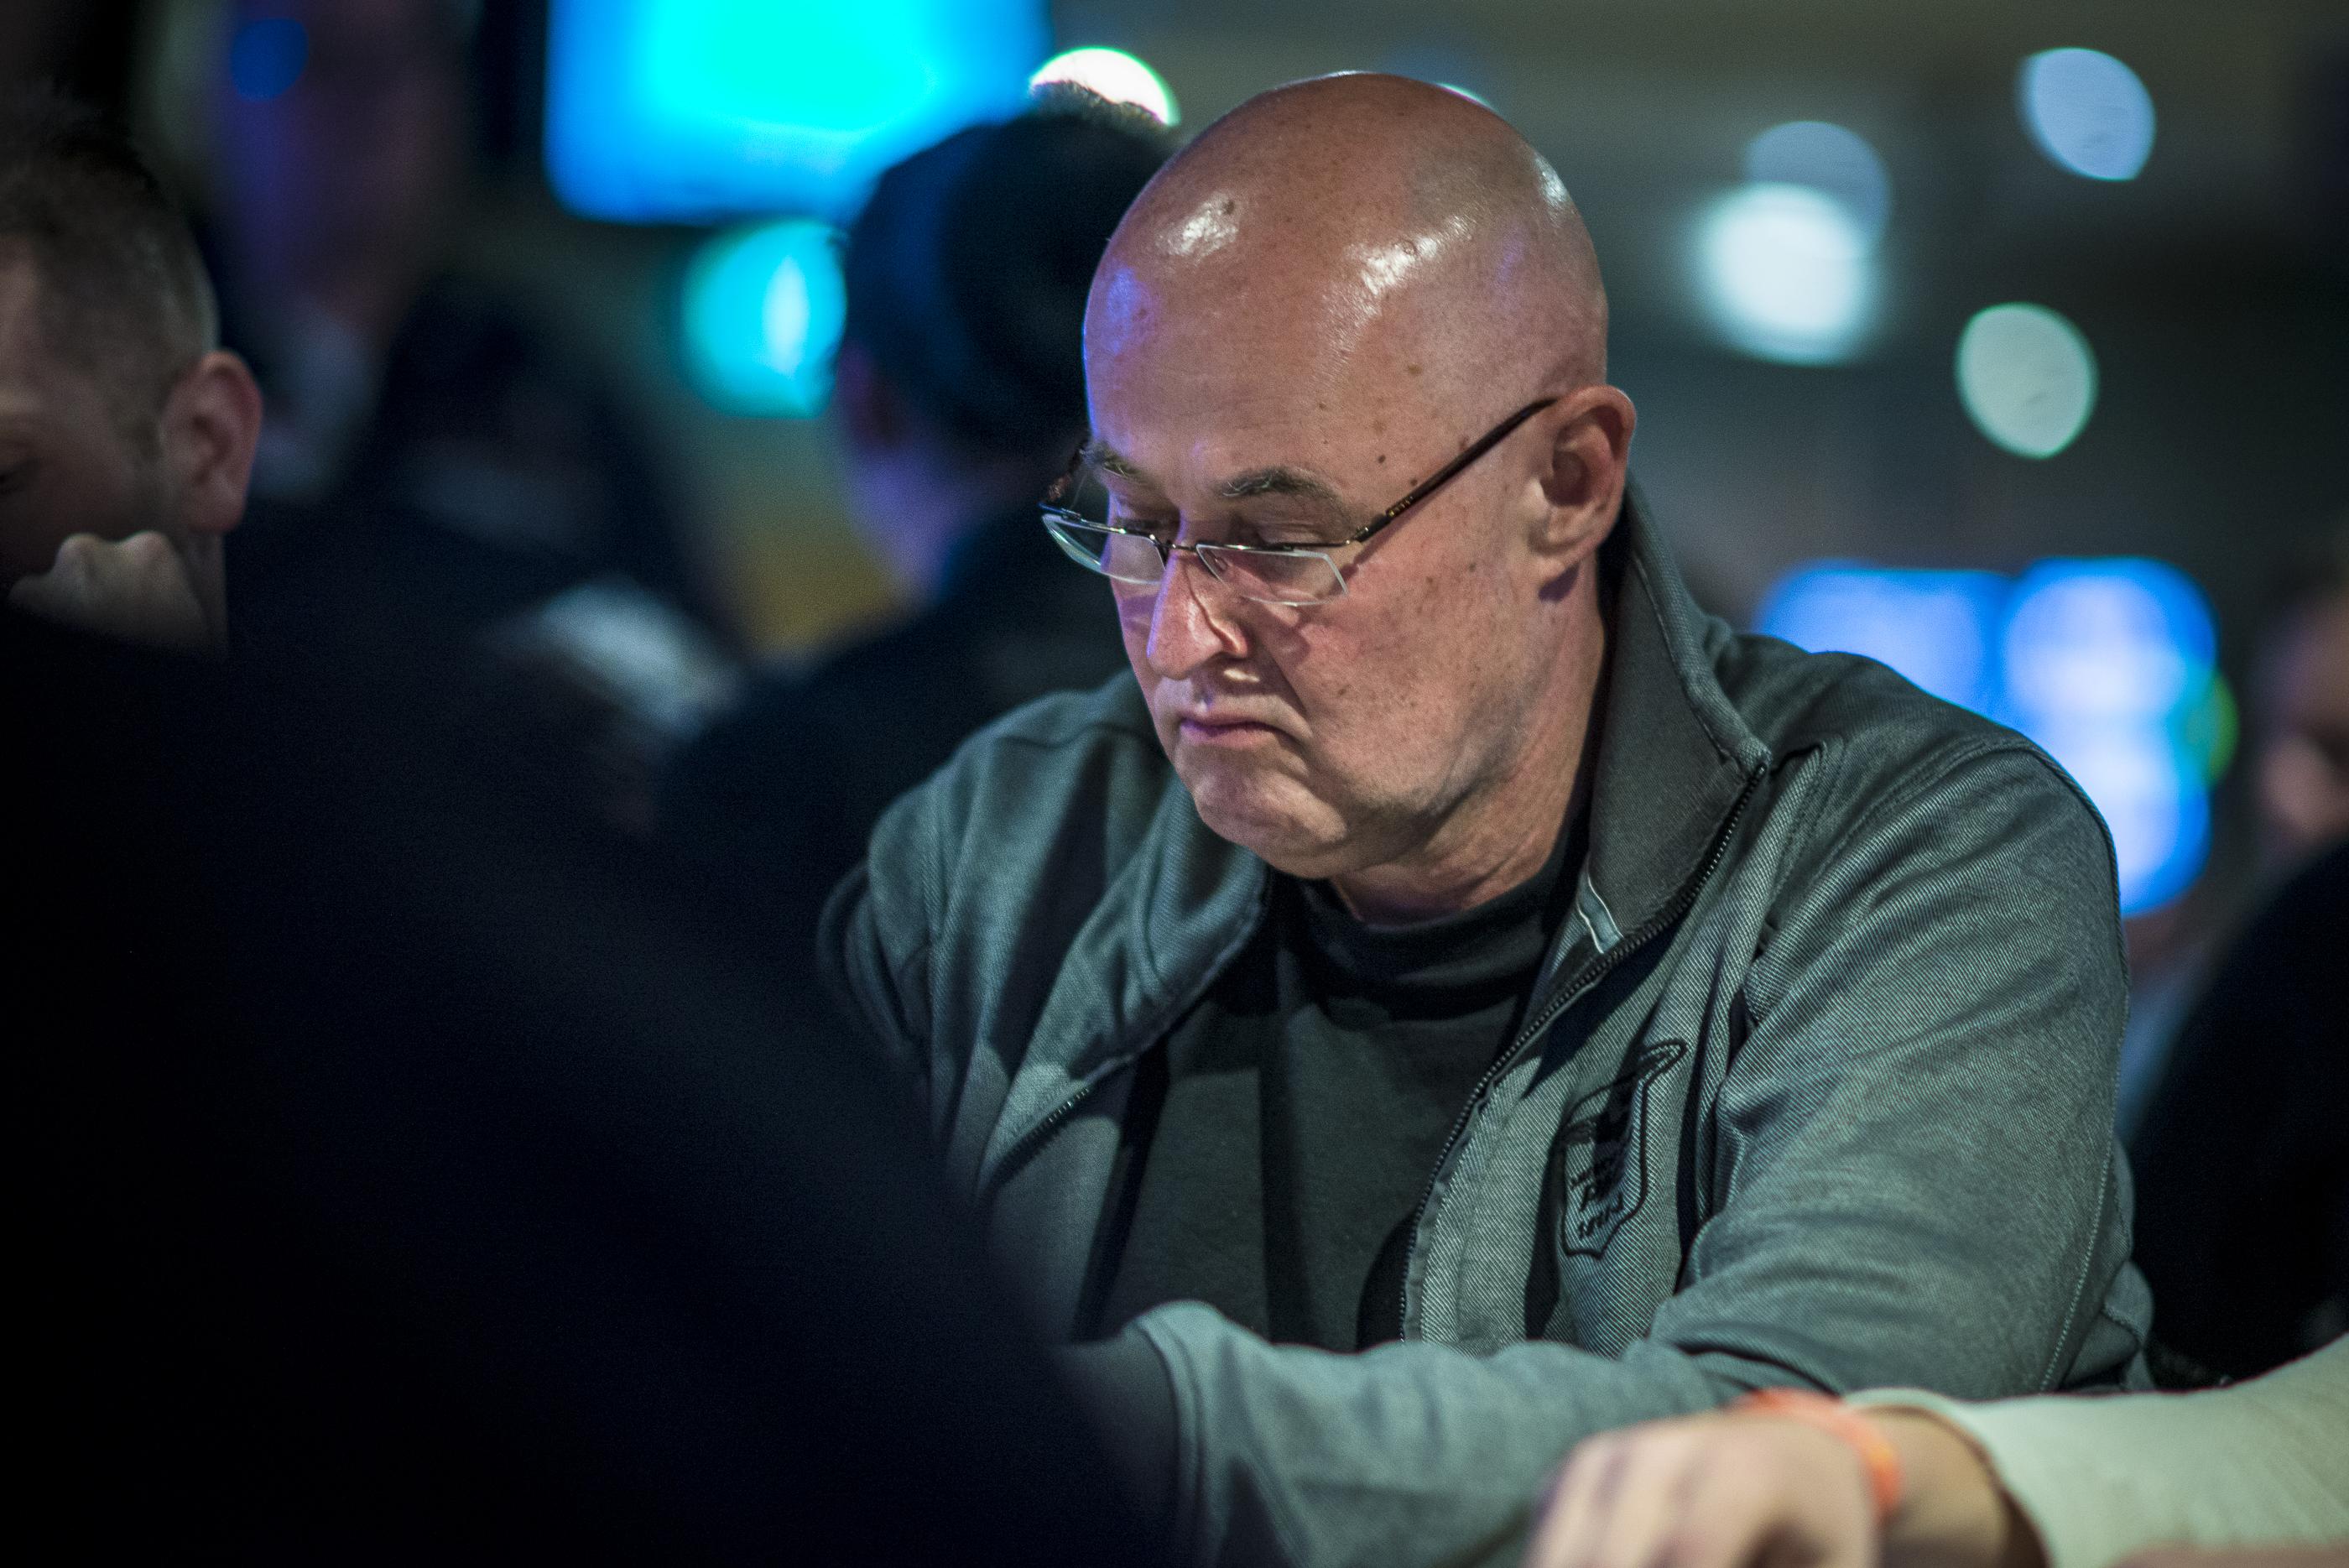 WPT Amsterdam | Rob Hollink wil weer meer gaan pokeren 102